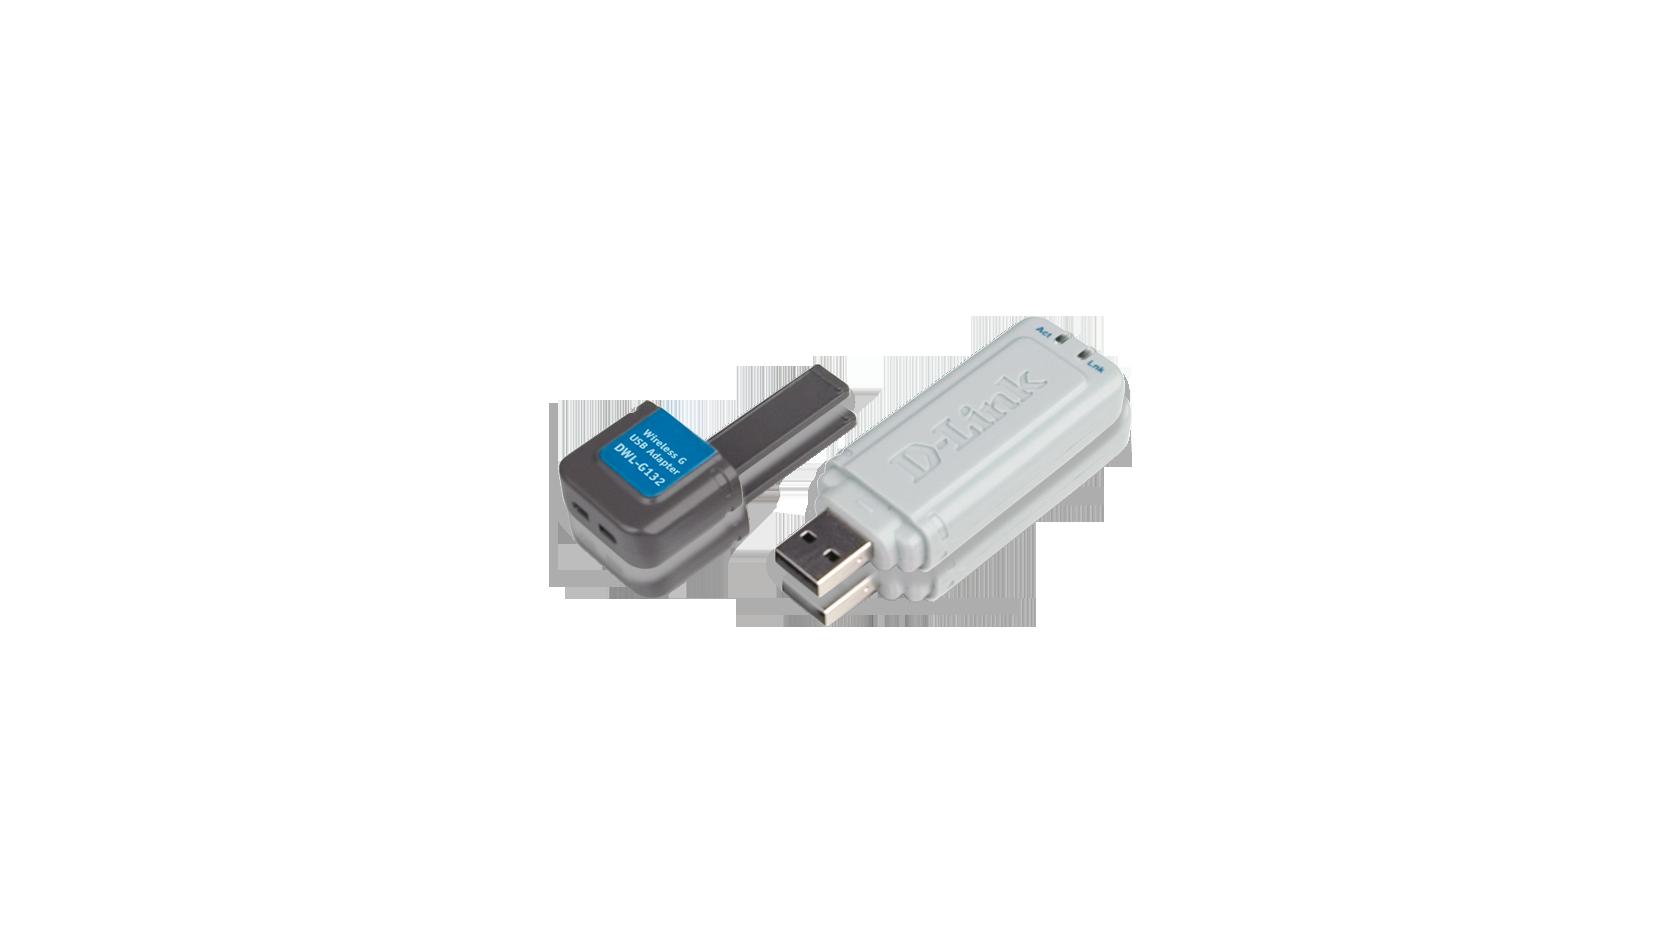 DLINK DWL-AG132 Driver for Windows Download